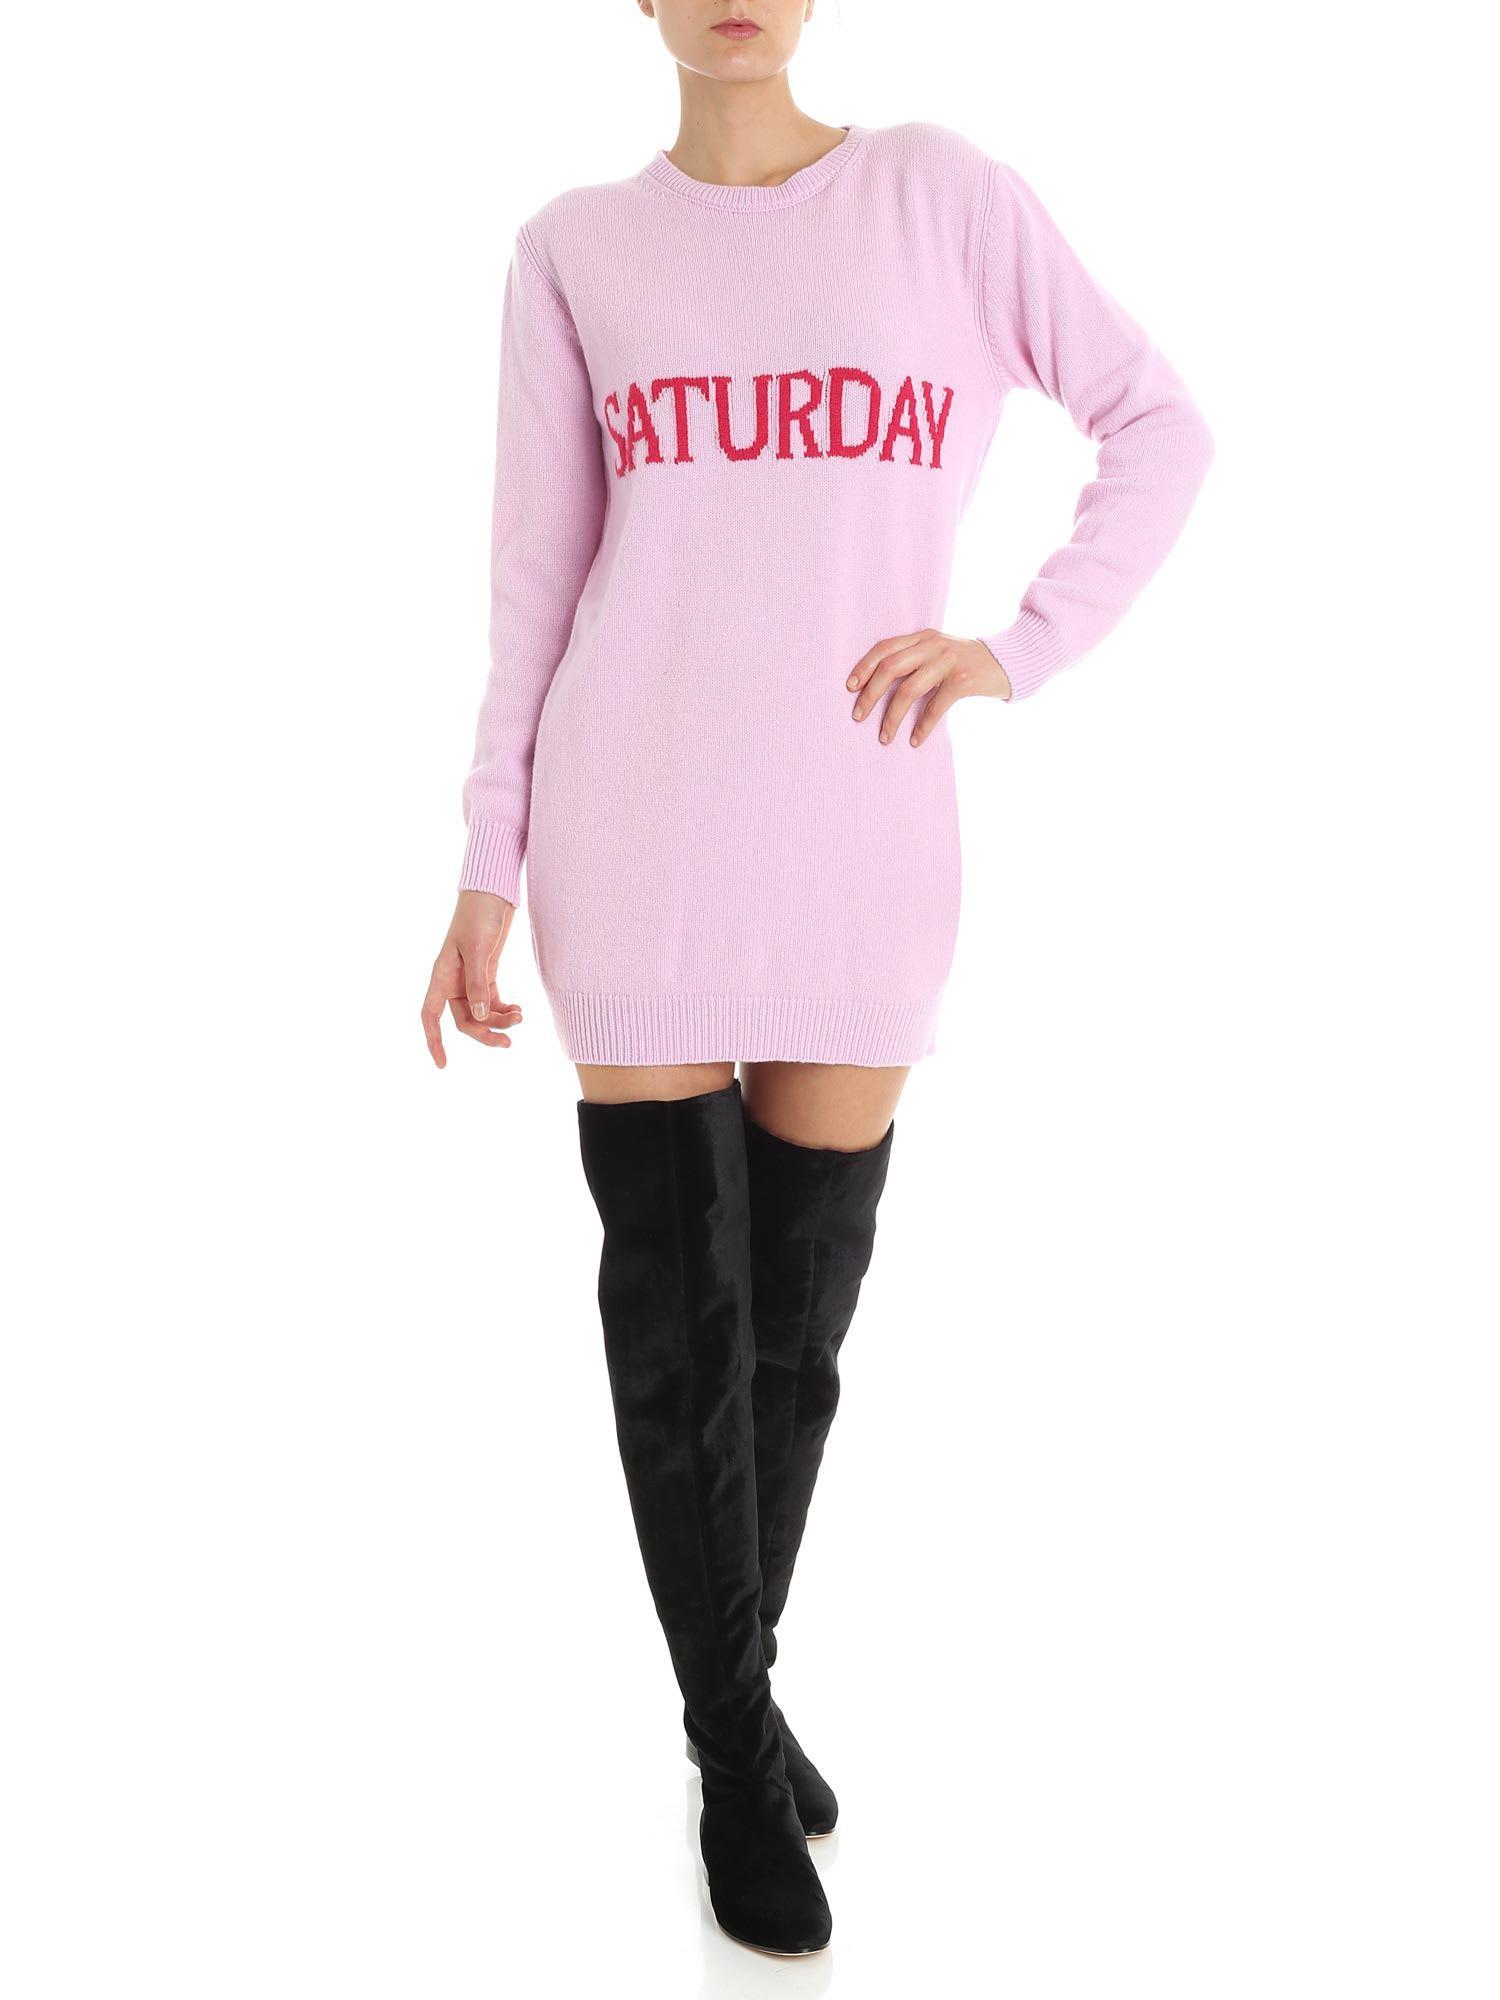 Alberta Ferretti – Saturday Dress